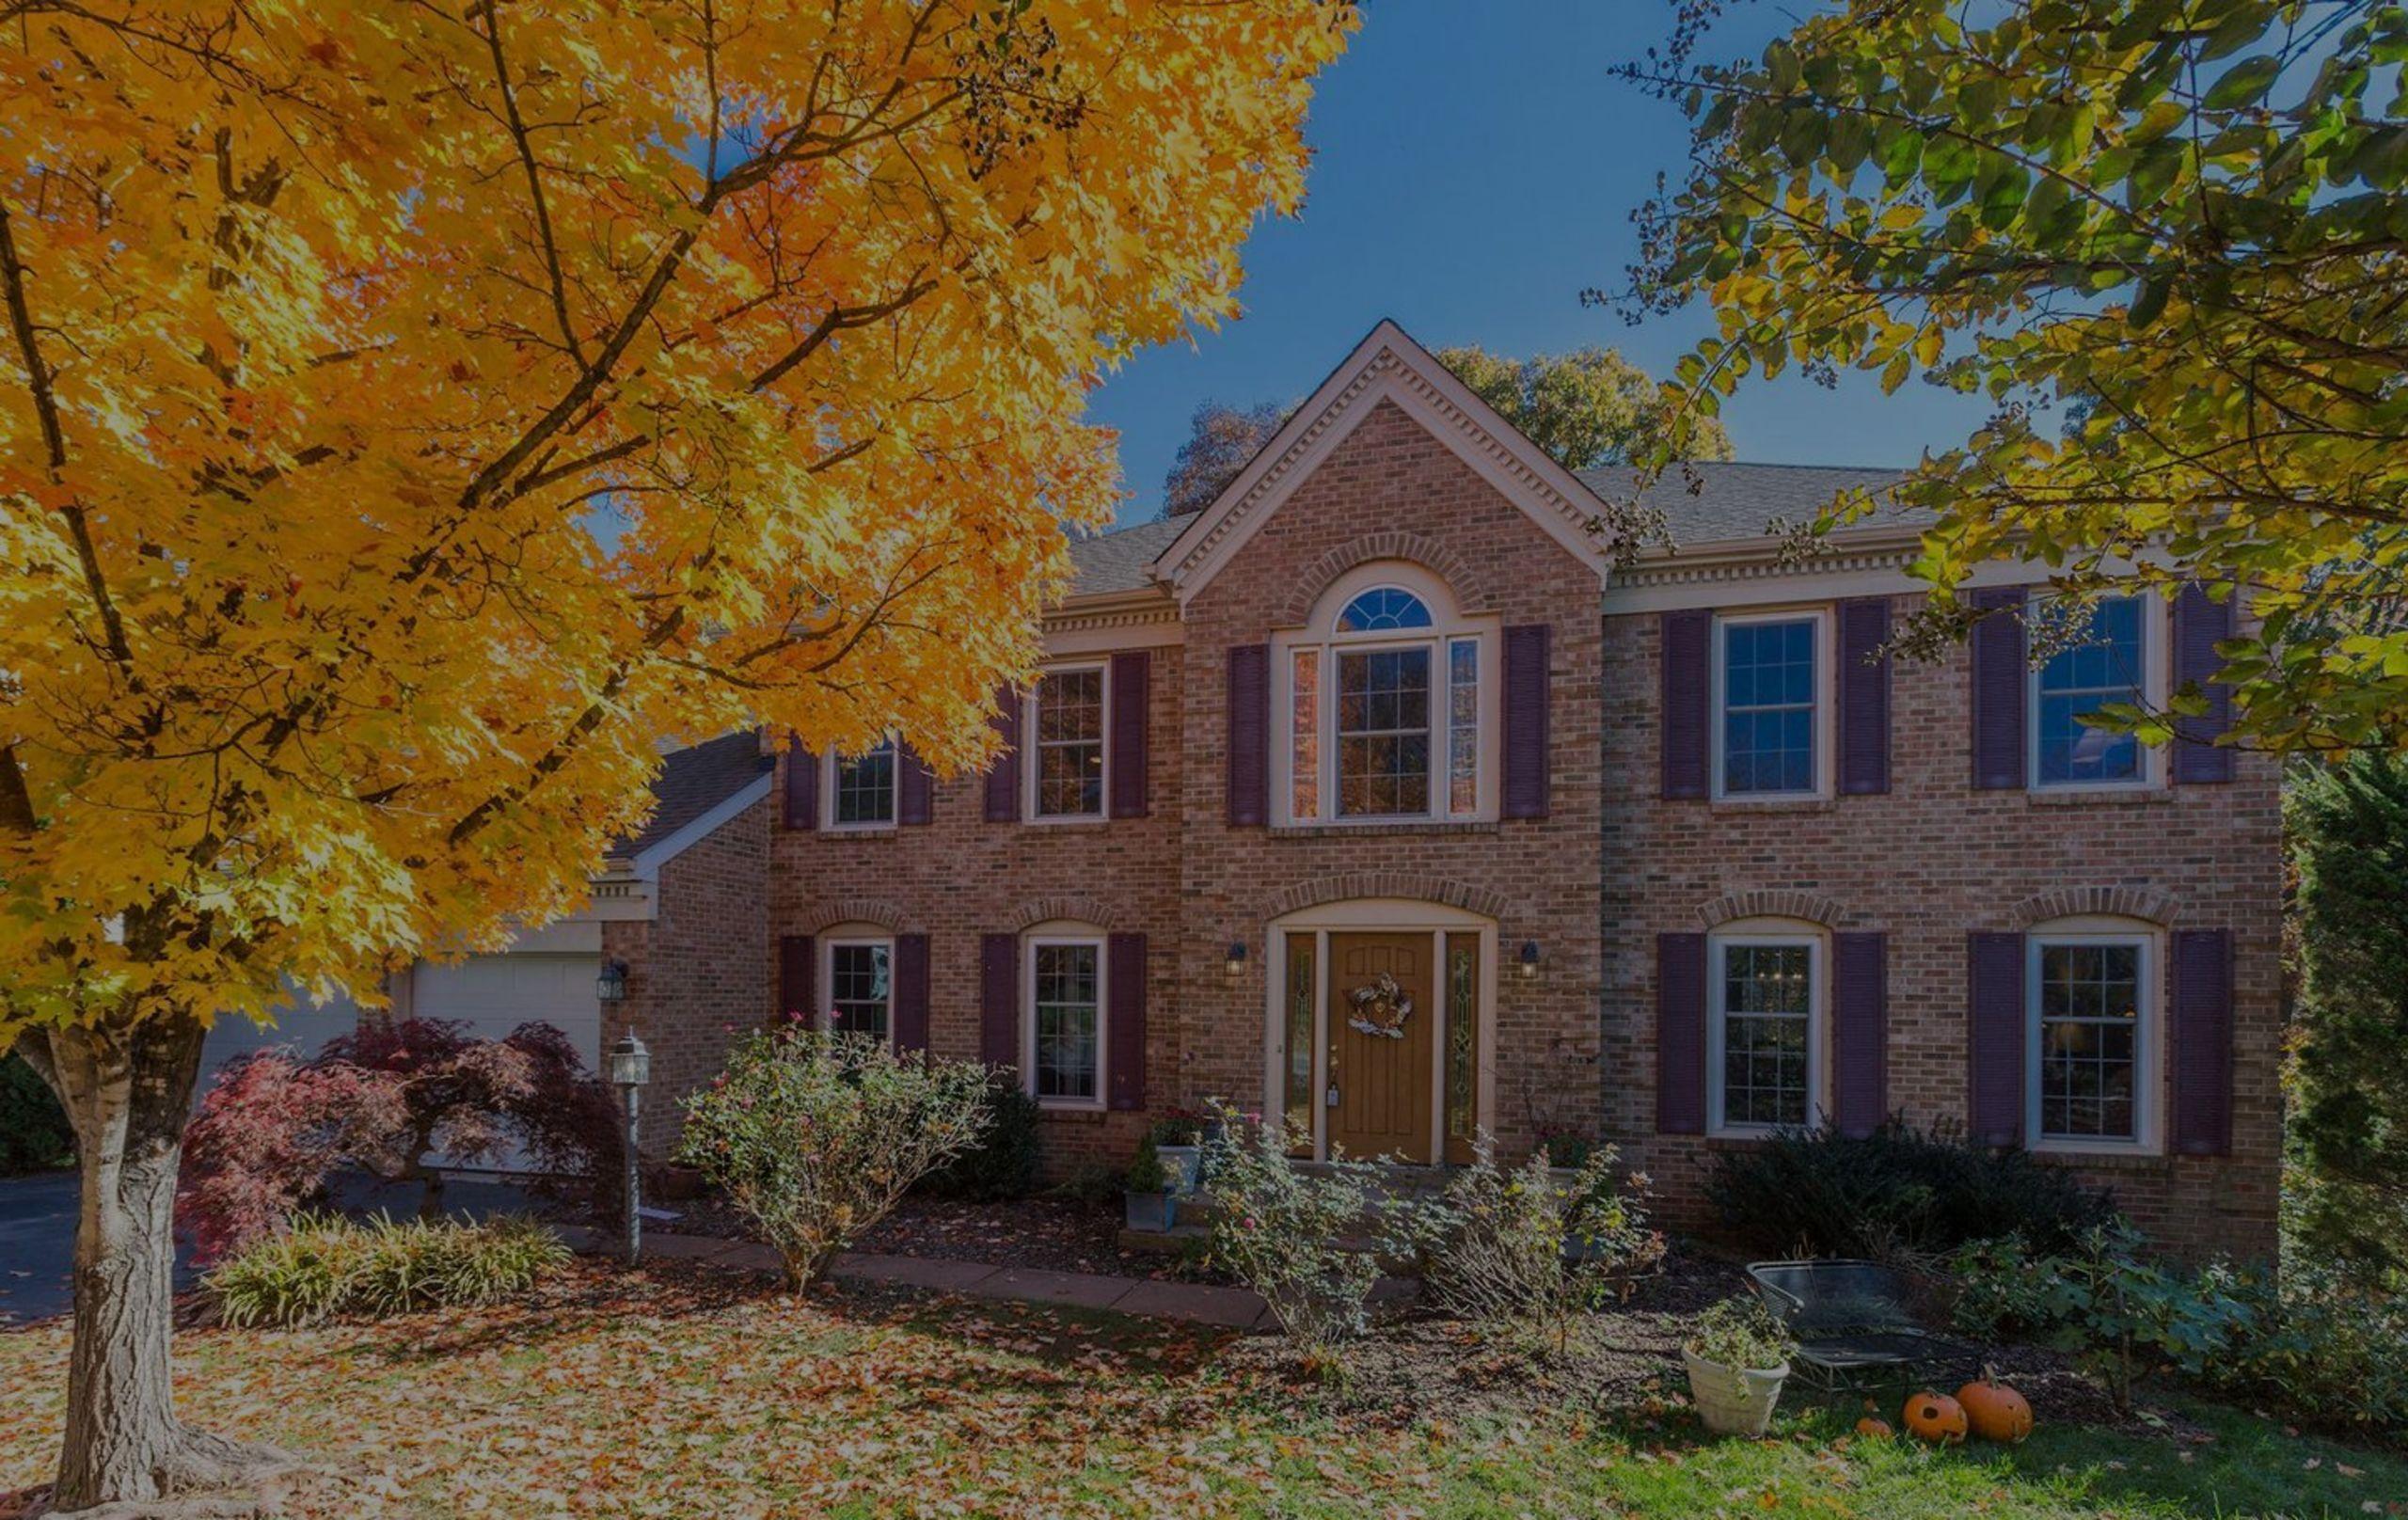 Open Houses | 11/11 in Loudoun